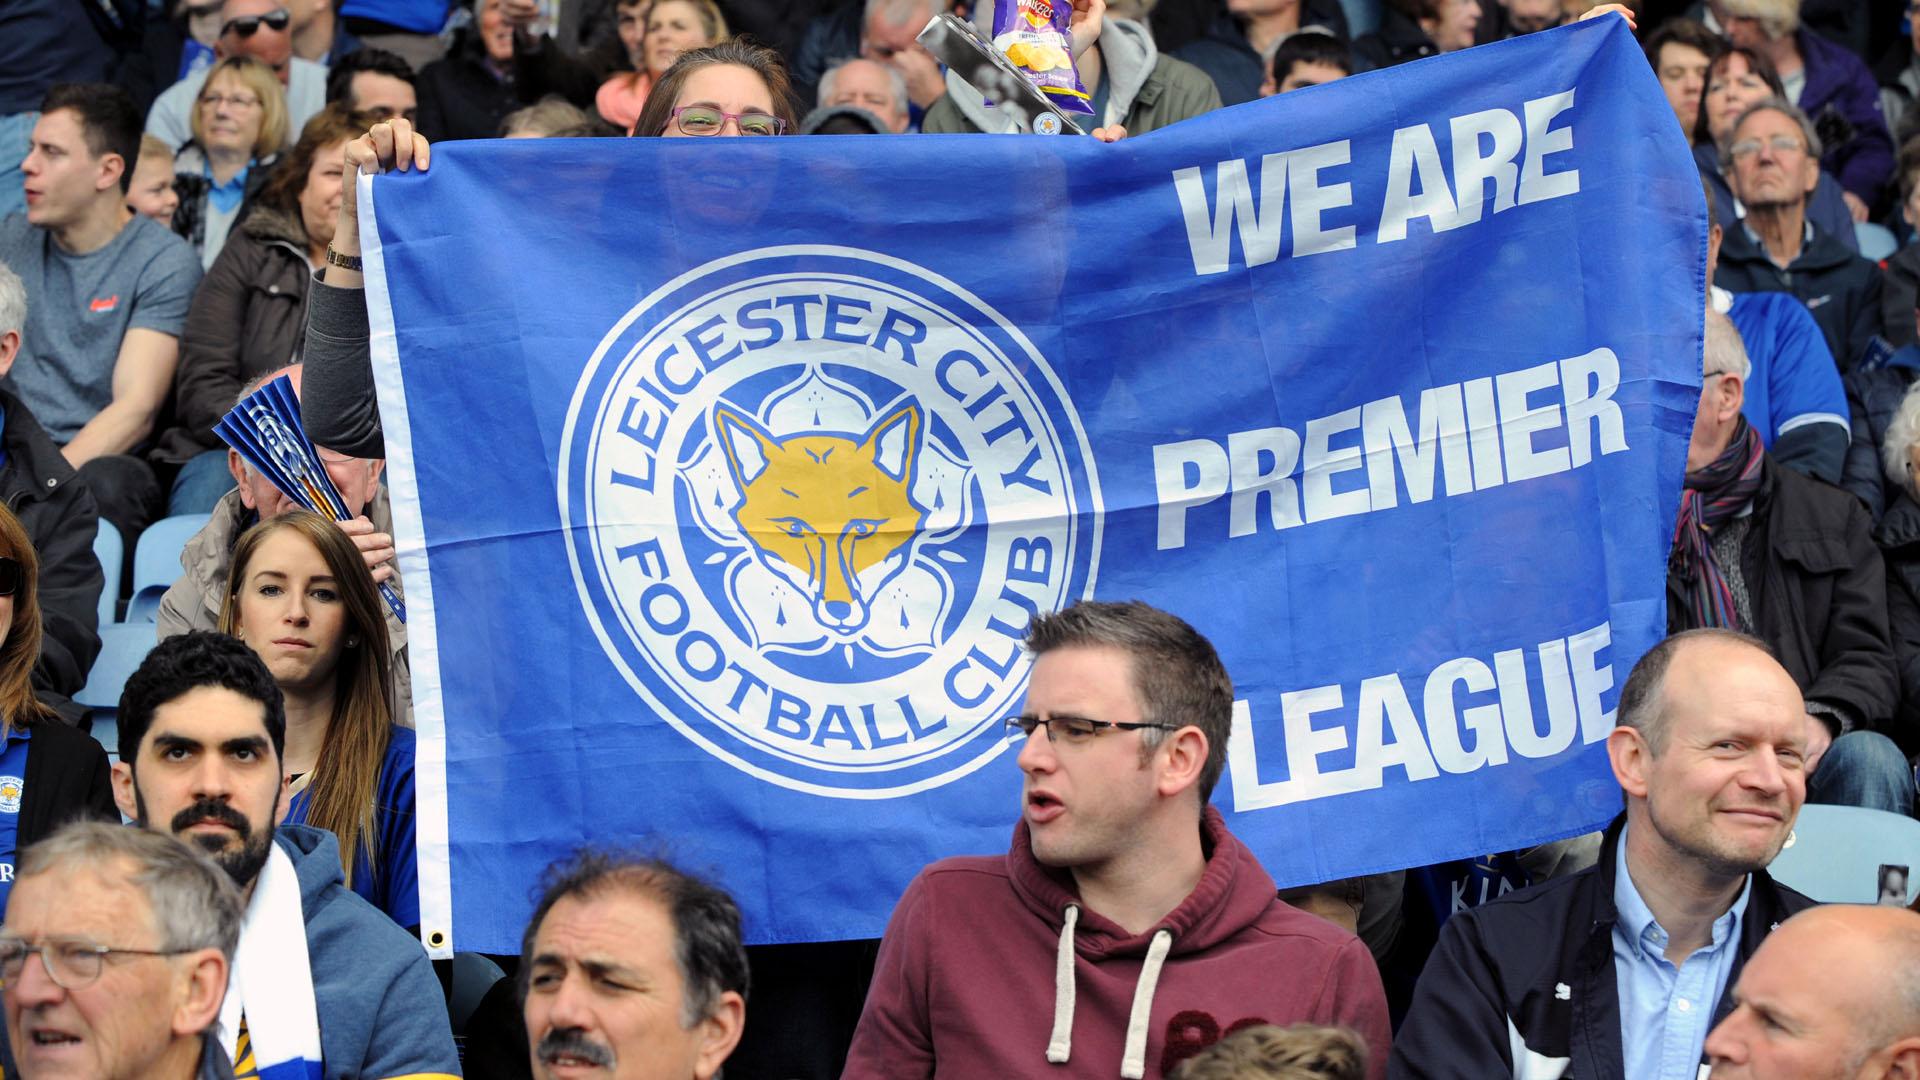 Torcedores do Leicester comemoram a liderança na Premier League (AP Photo/Rui Vieira)